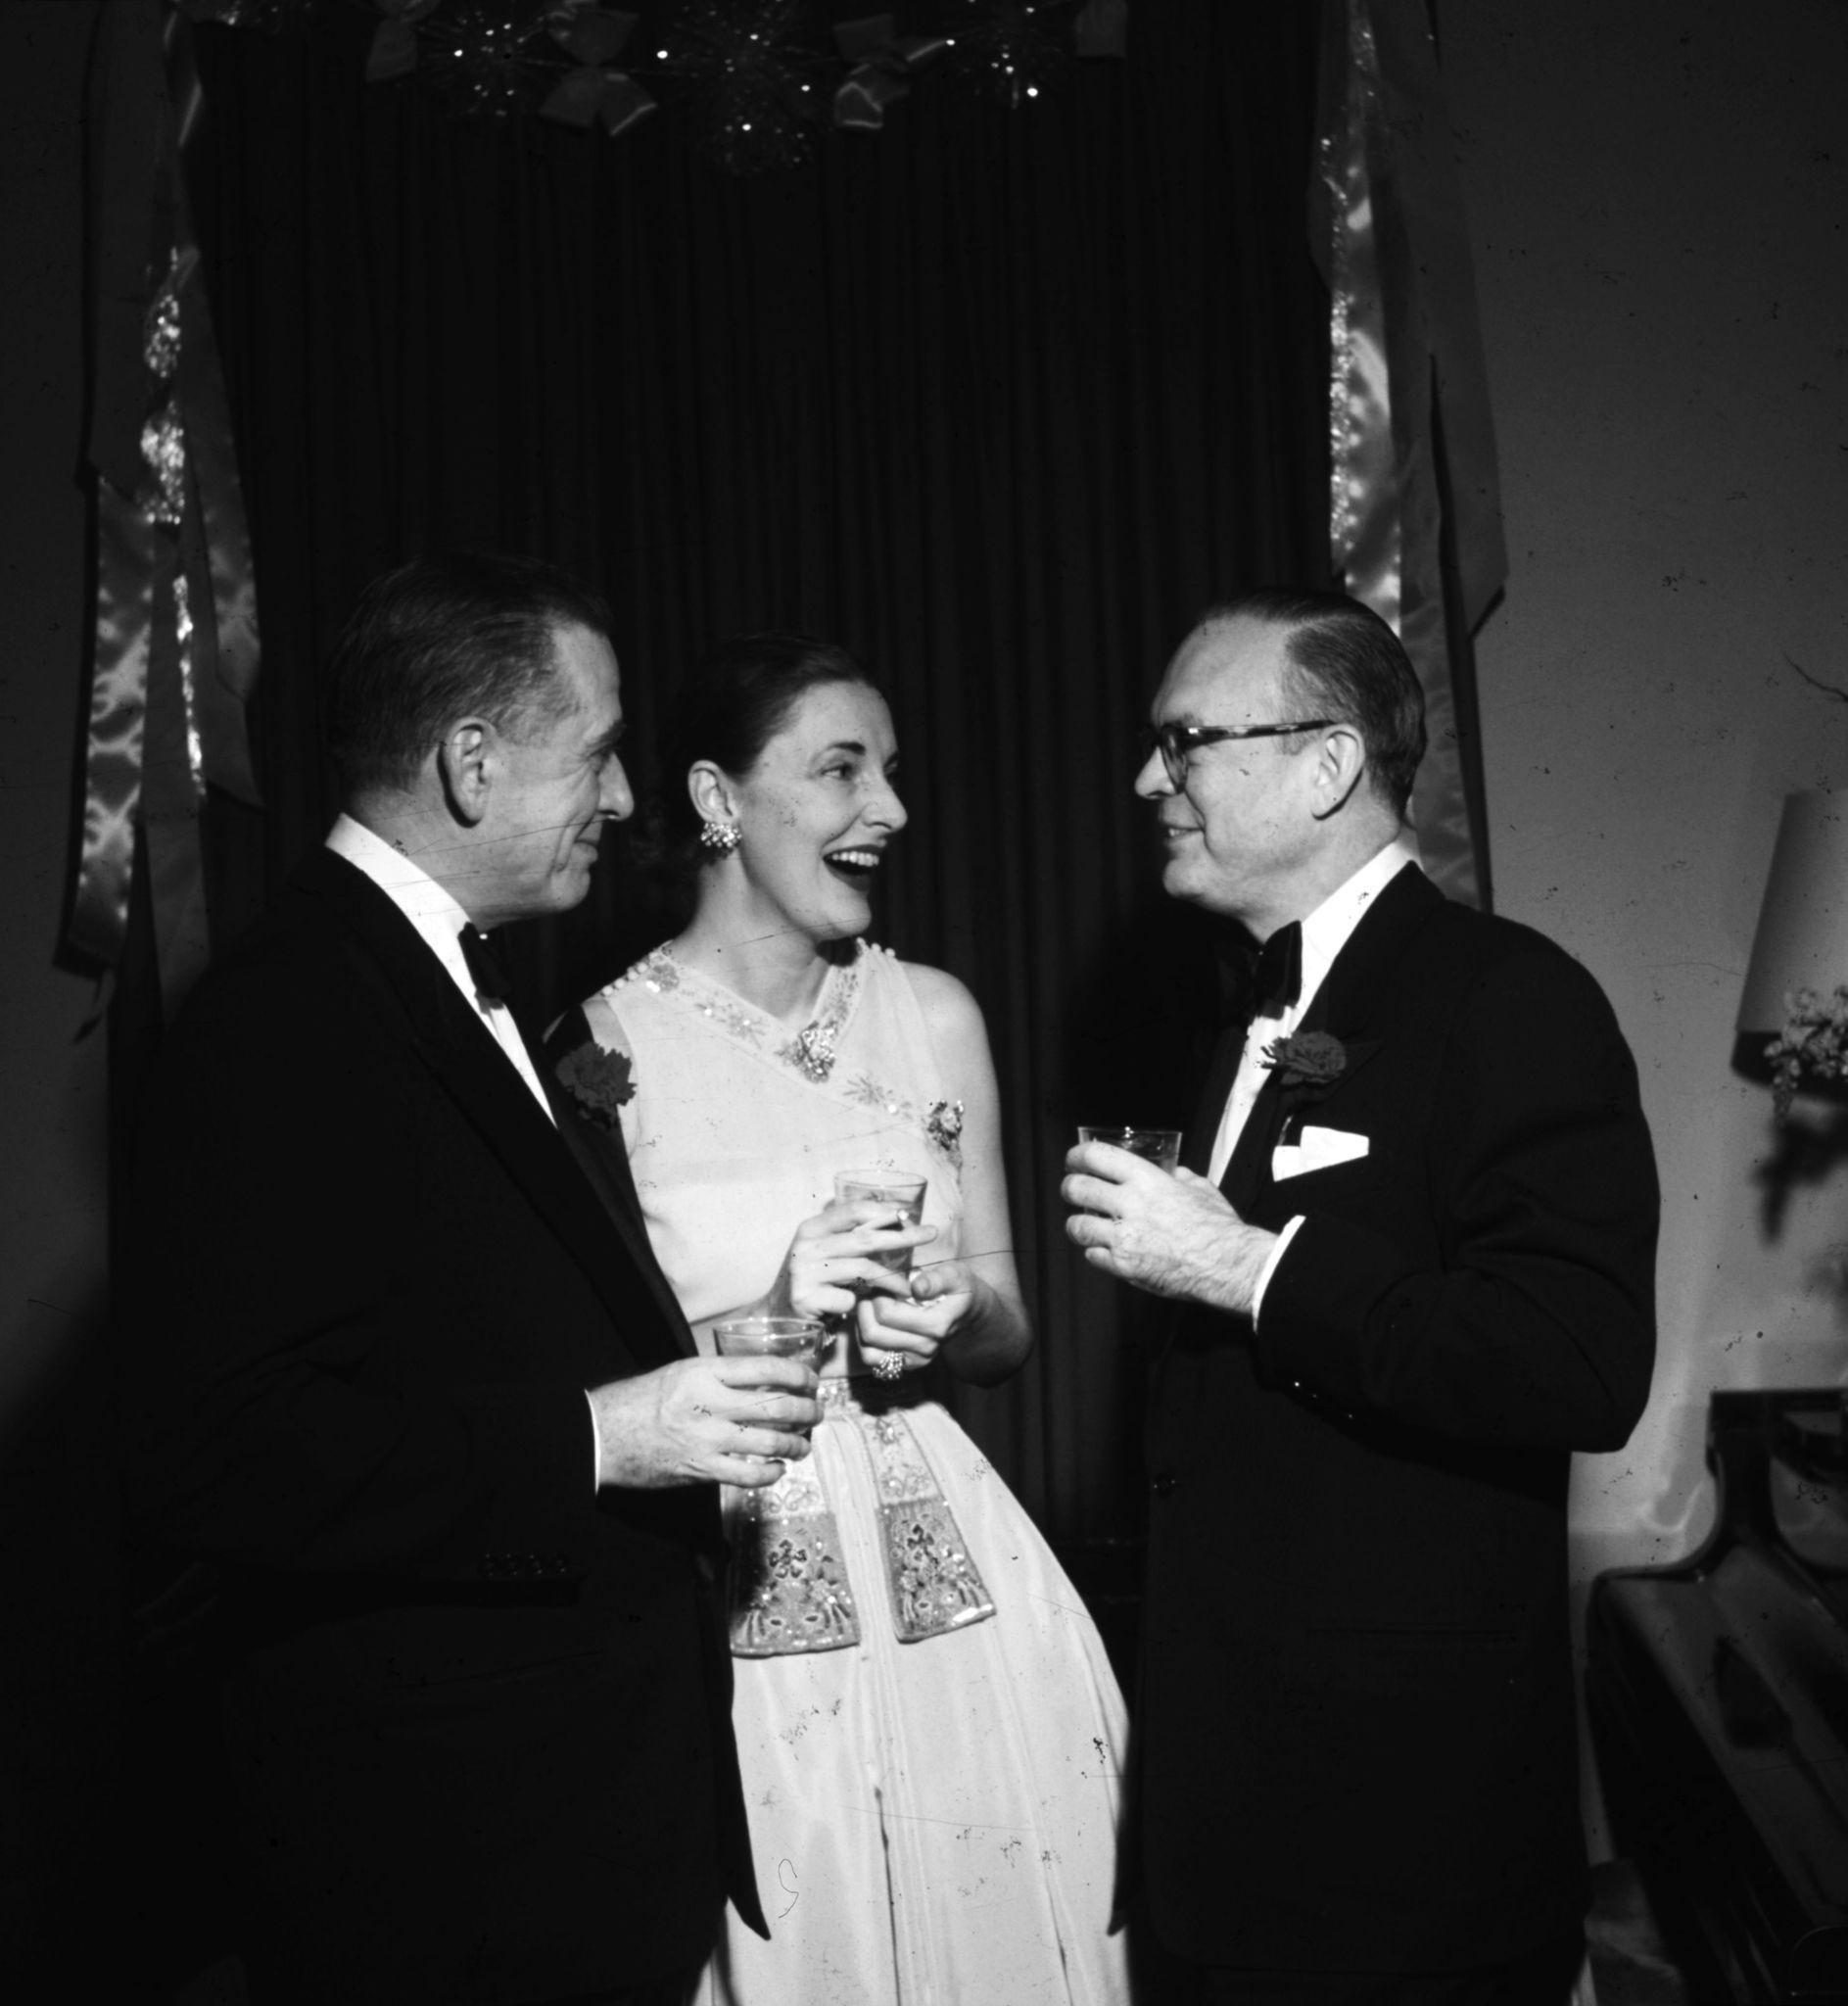 1952. Леланд Хейворд и его жена Слим (урожденная Нэнси Гросс, бывшая жена Говарда Хоукса) беседуют с издателем Гарднером Коулзом-мл. на новогодней ве…